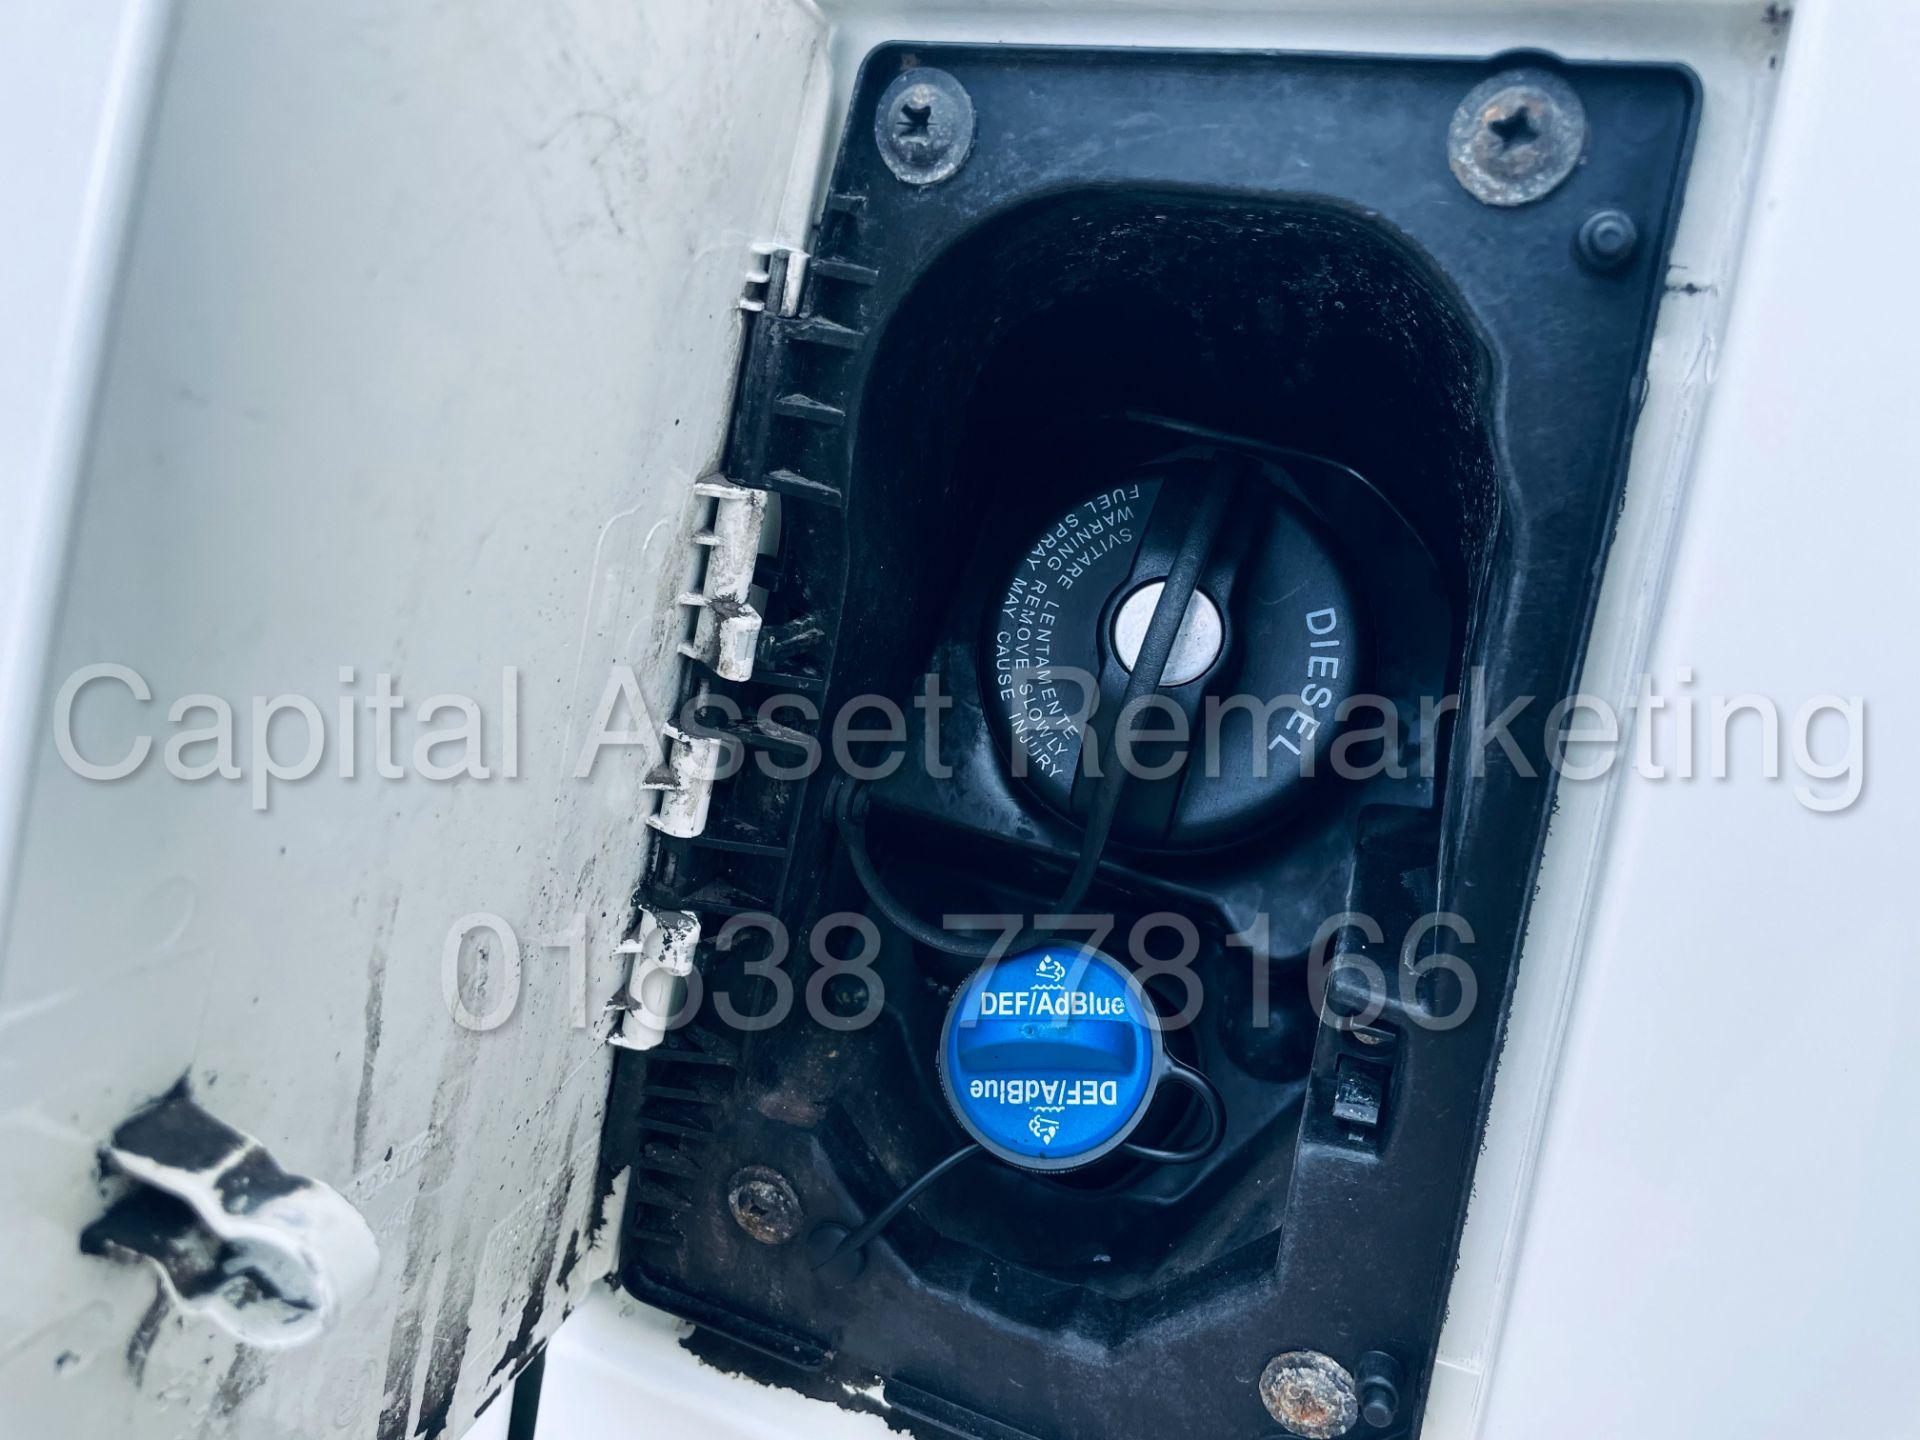 PEUGEOT BOXER *LWB - LOW LOADER / LUTON BOX VAN* (2018 - EURO 6) '2.0 BLUE HDI - 6 SPEED' *U-LEZ* - Image 17 of 41